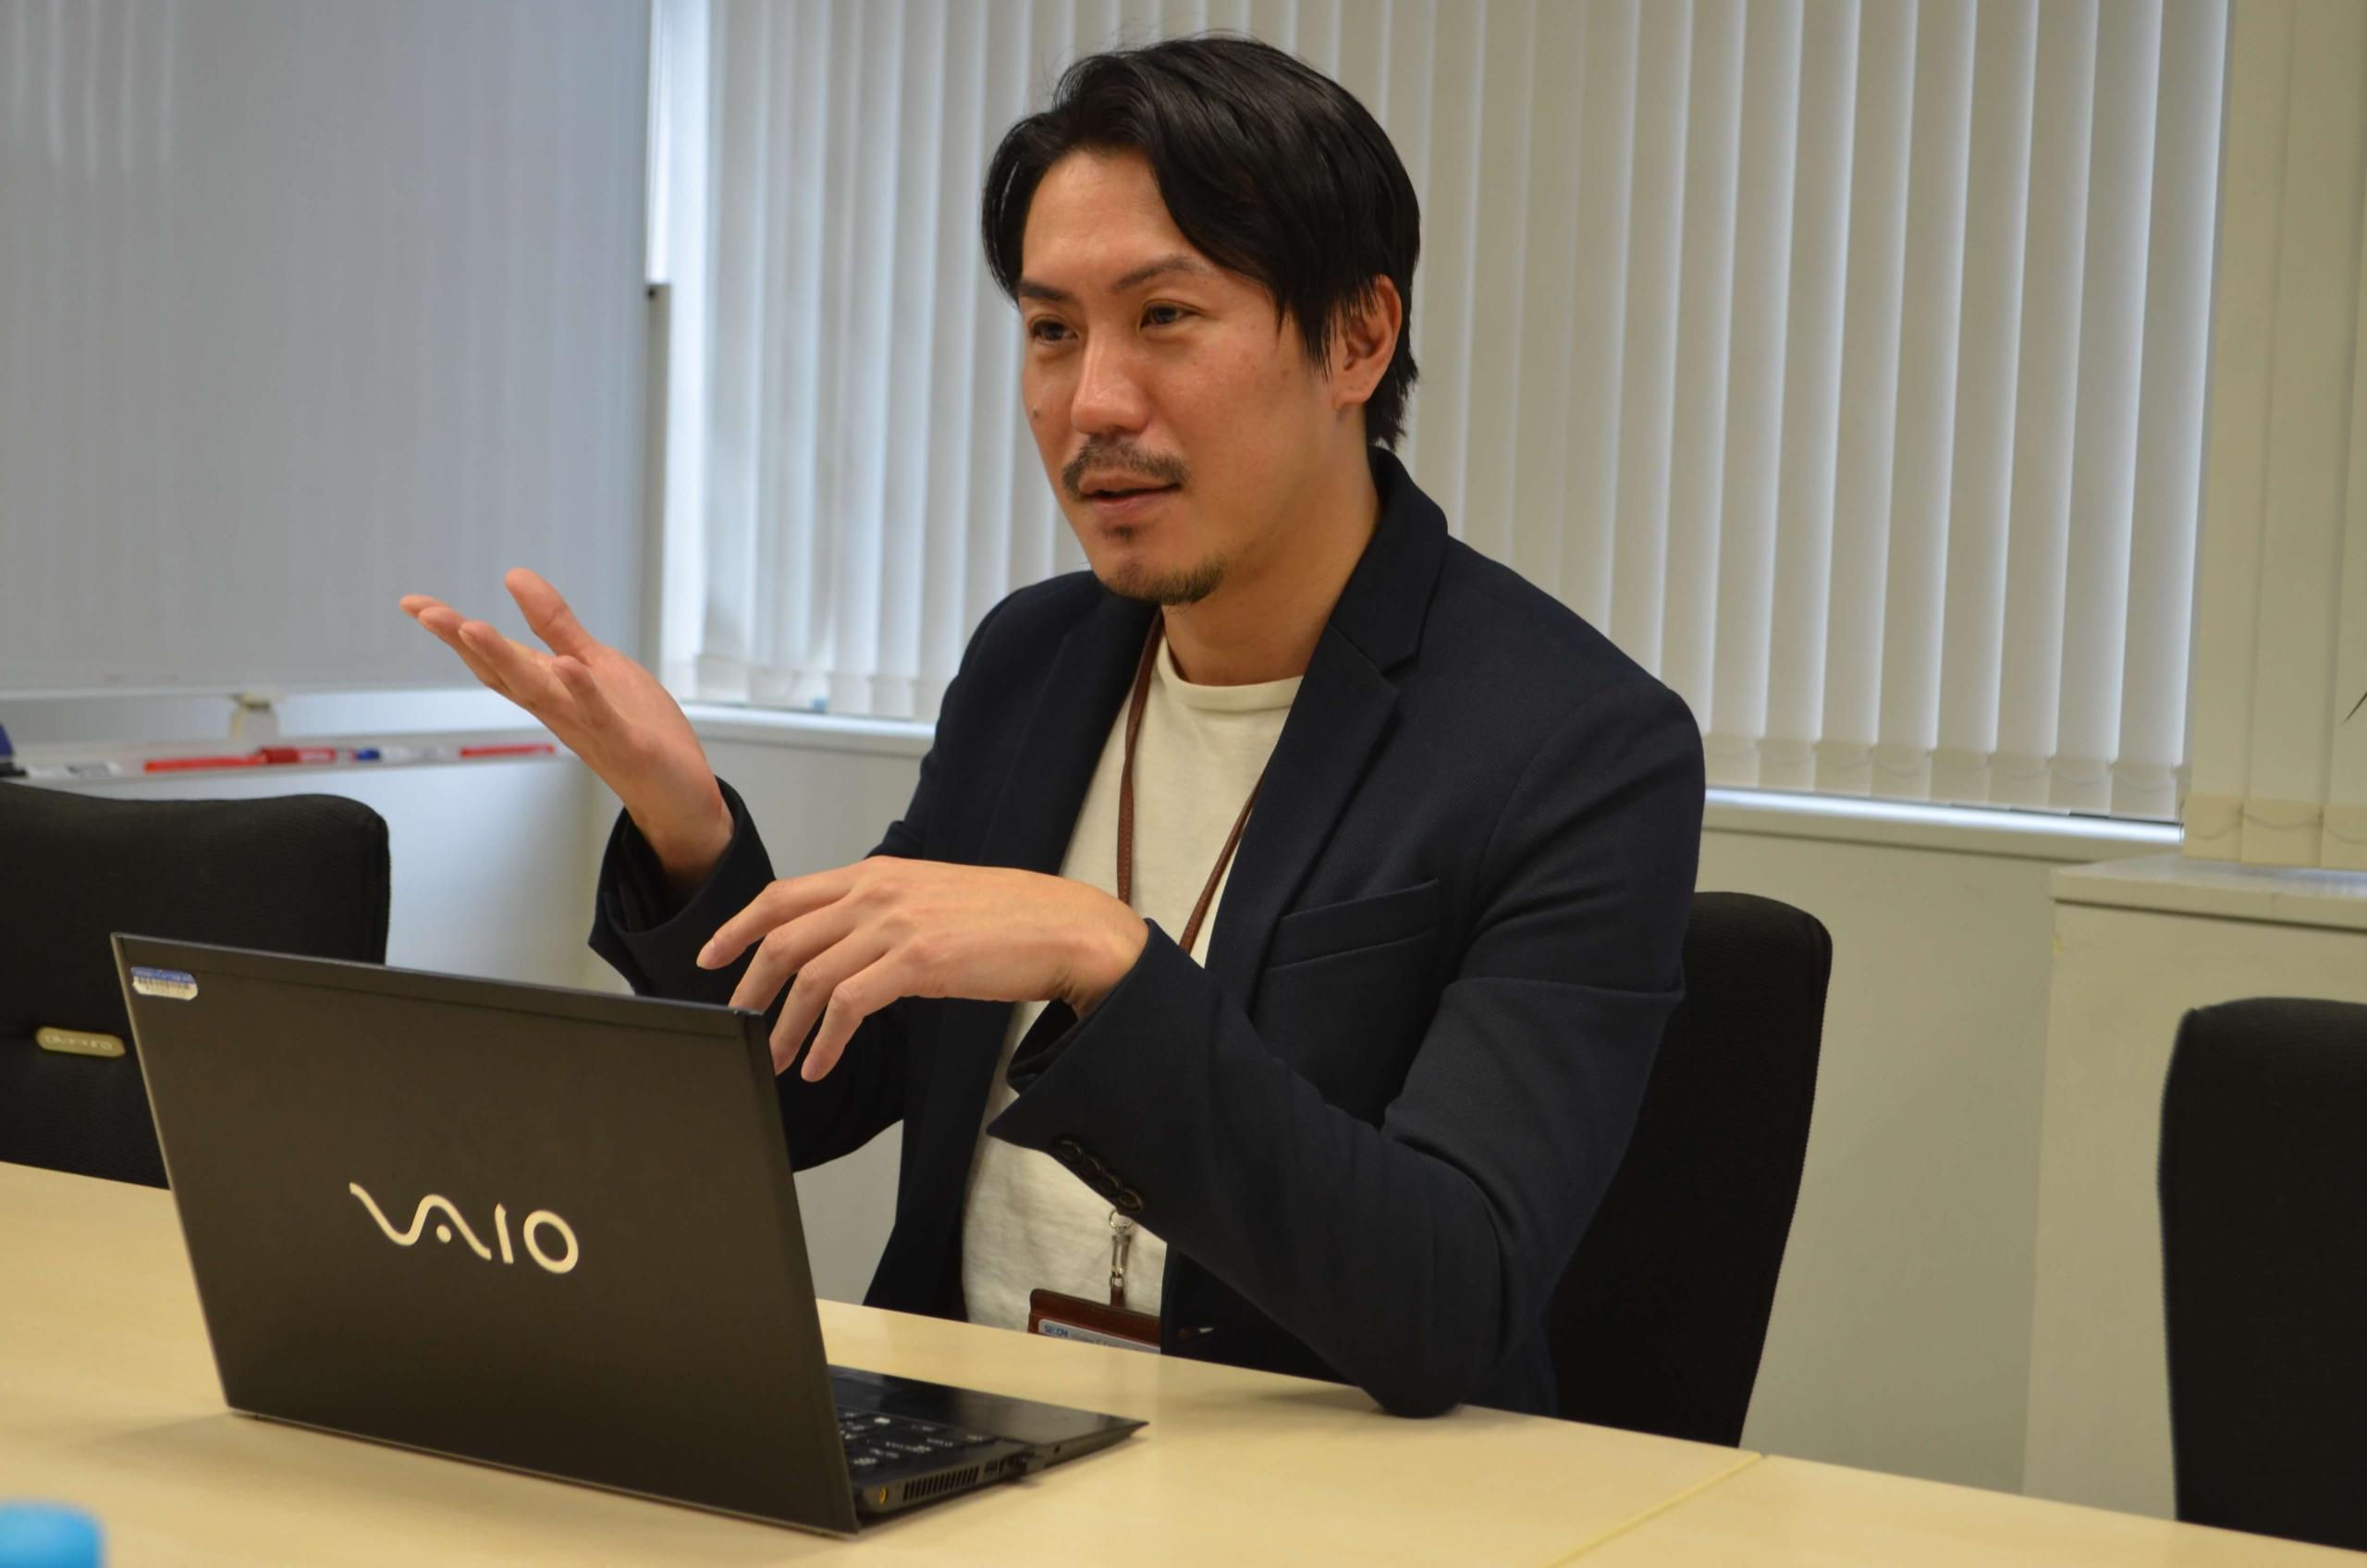 オンライン決済代行について話す小倉氏